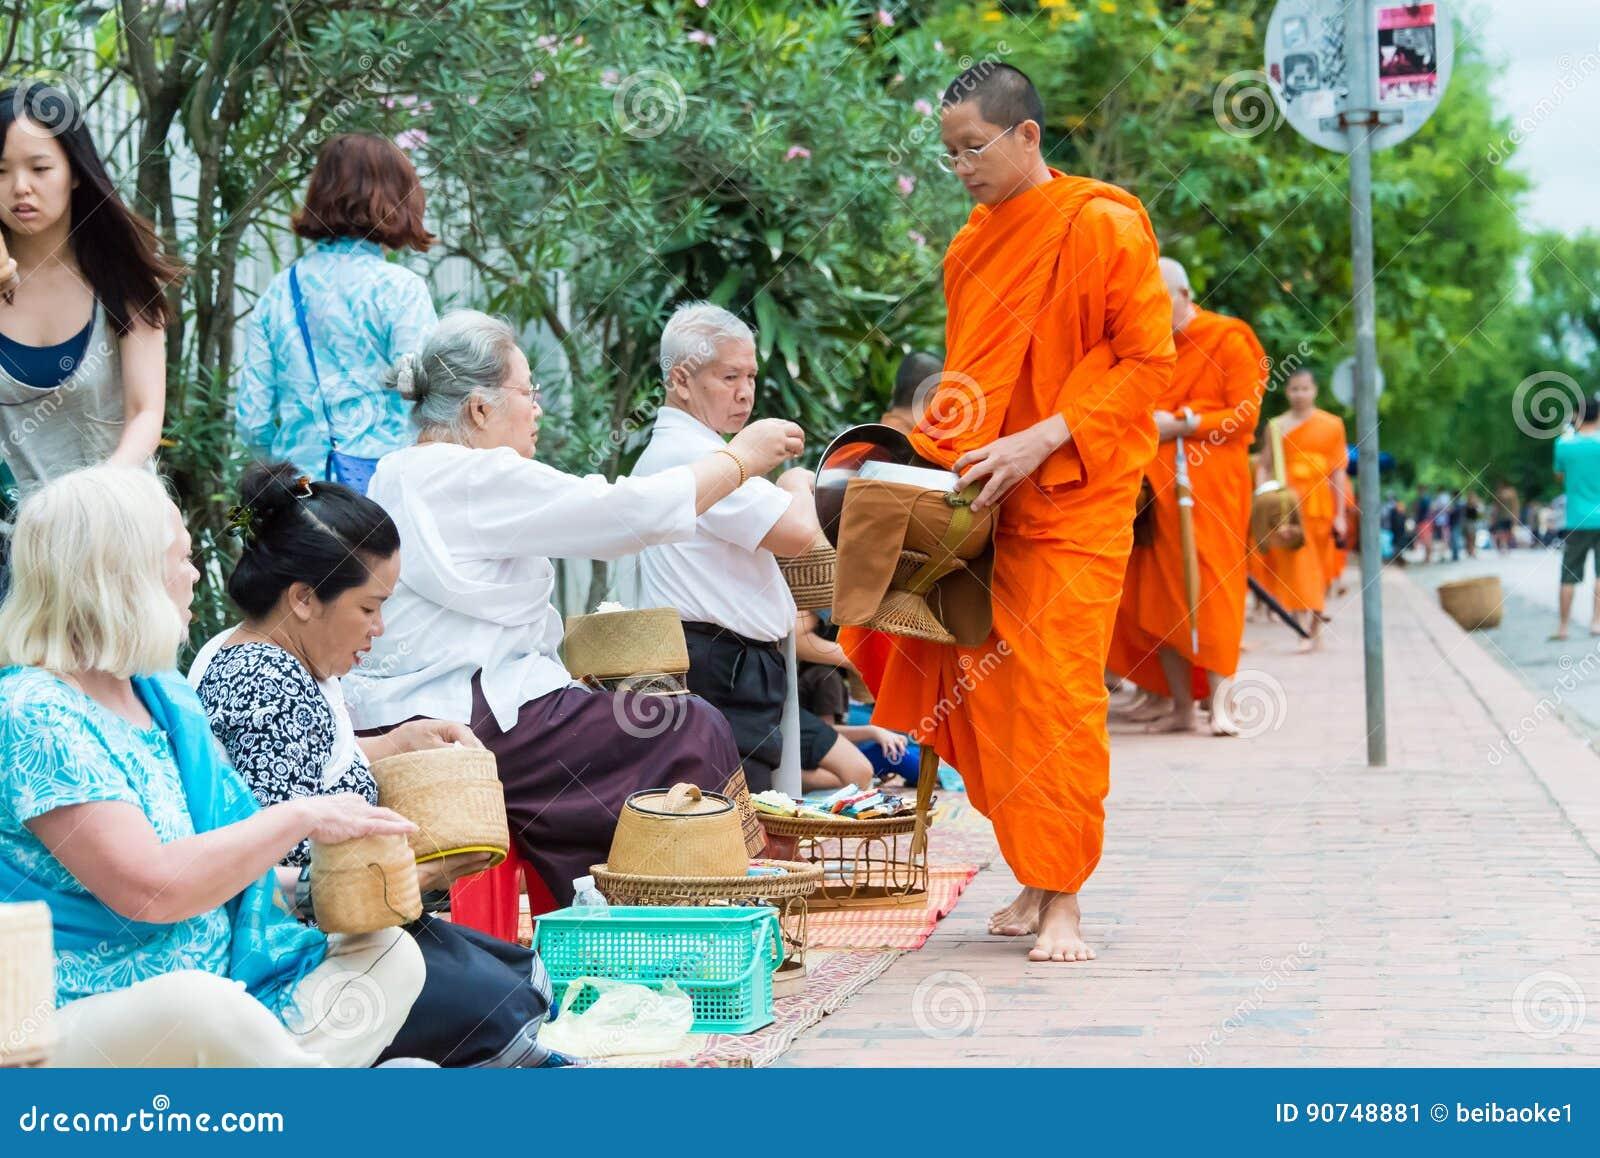 Luang Prabang, Laos - 15 juin 2015 : Aumône bouddhiste donnant la cérémonie